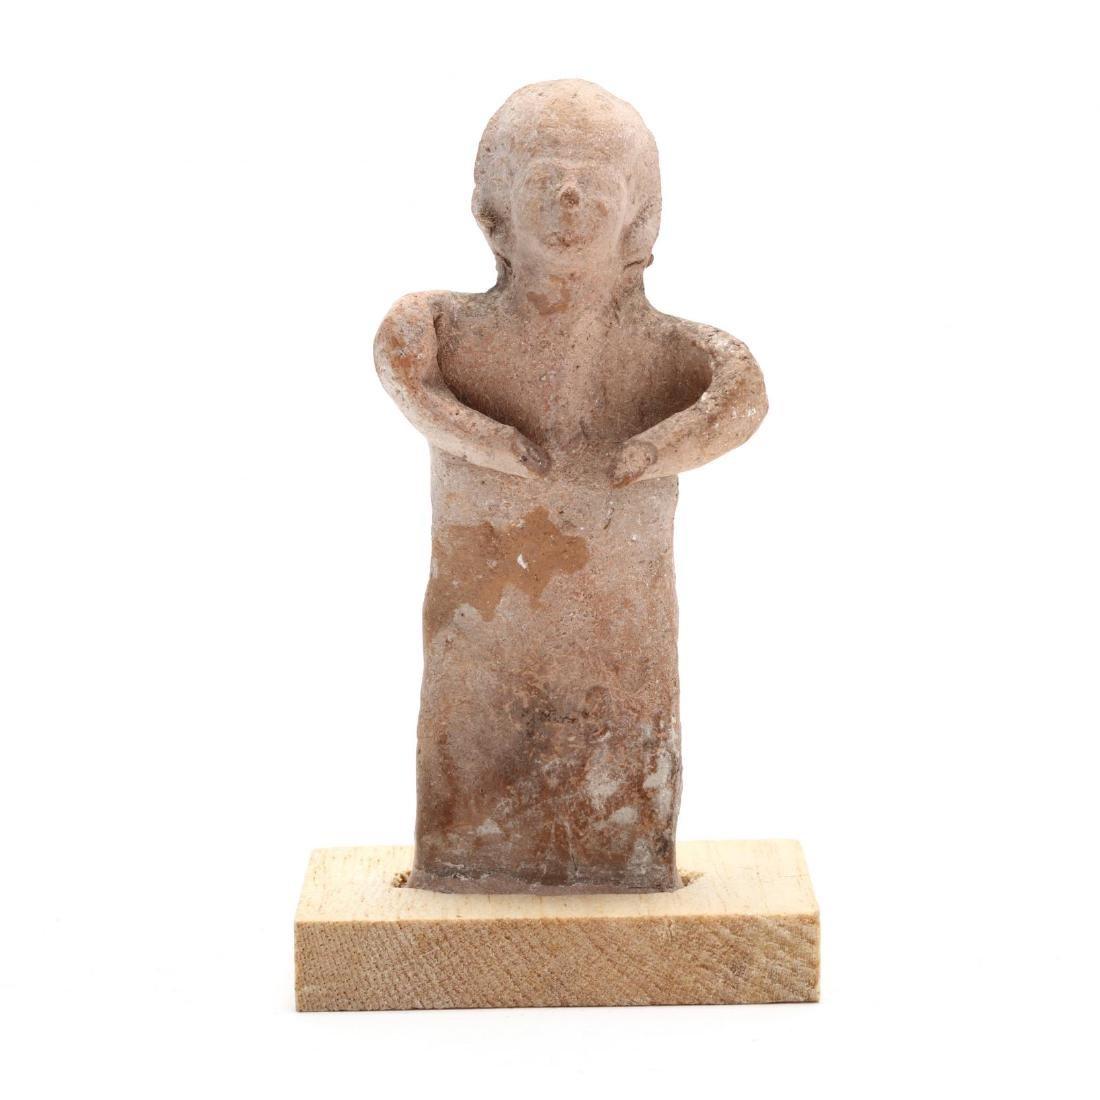 Cypro-Archaic Terracotta Fertility Statuette